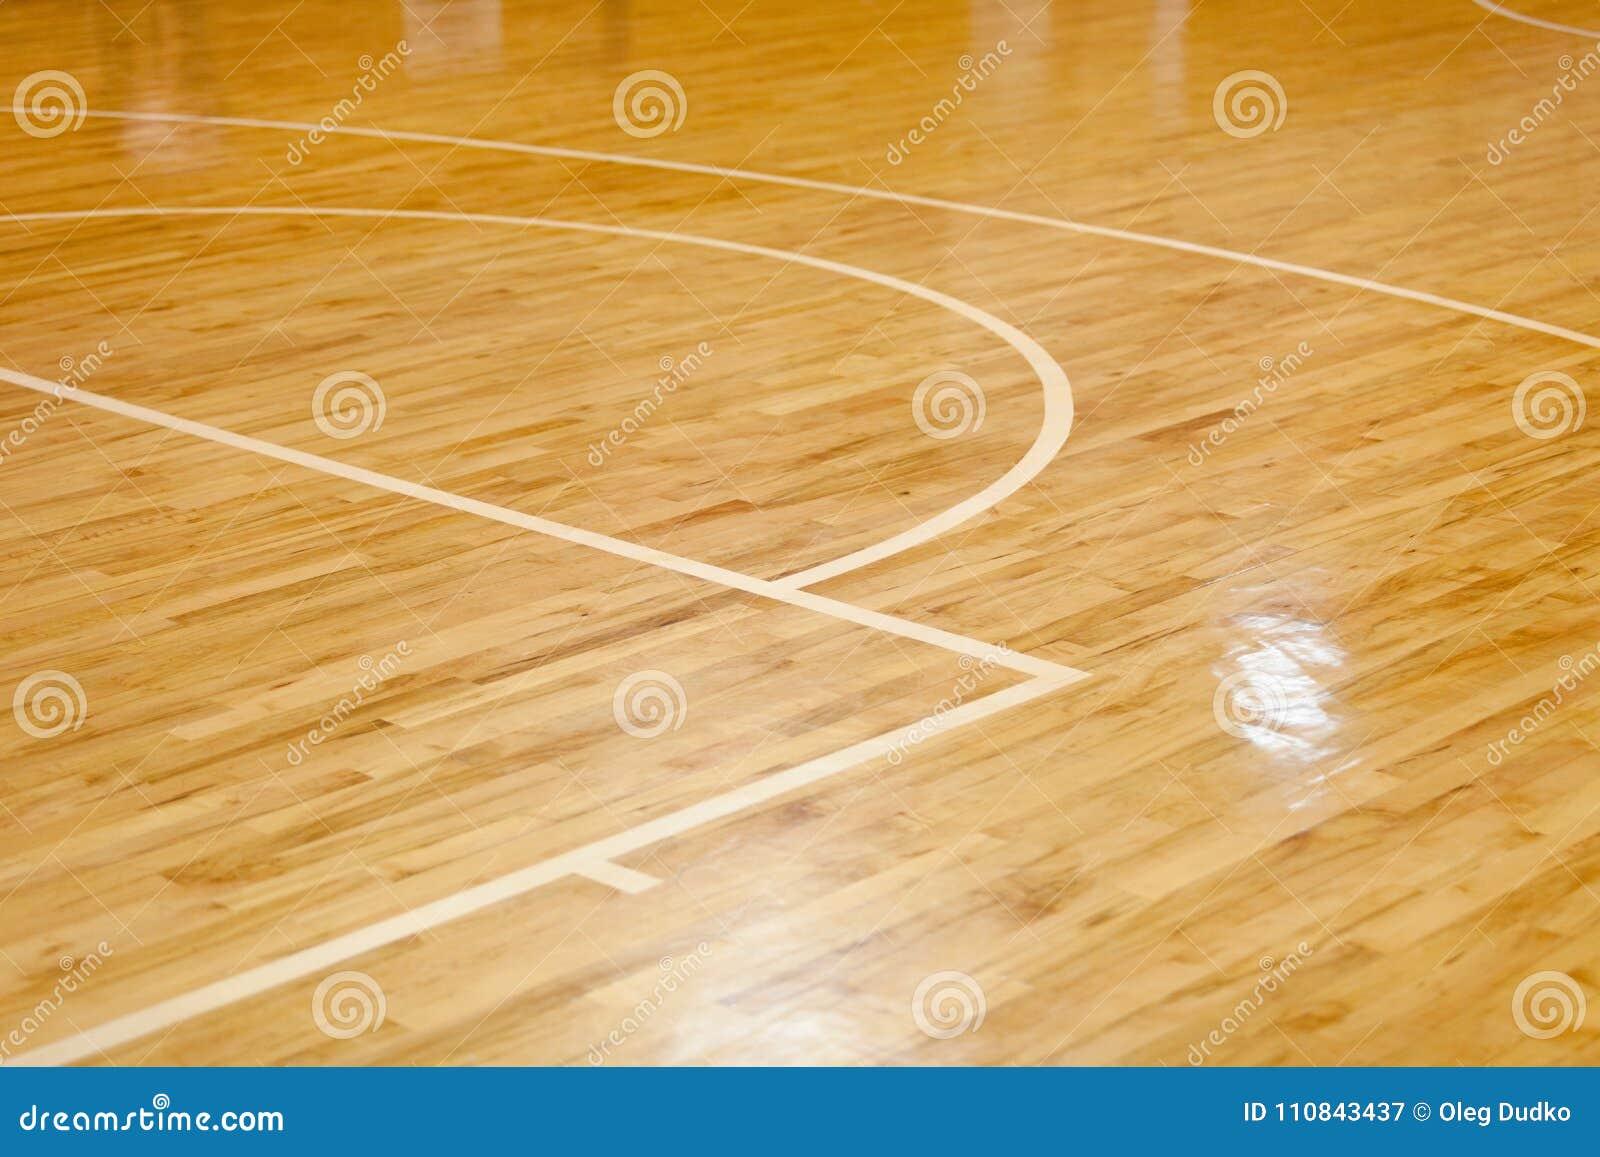 Bretterboden des Basketballplatzes